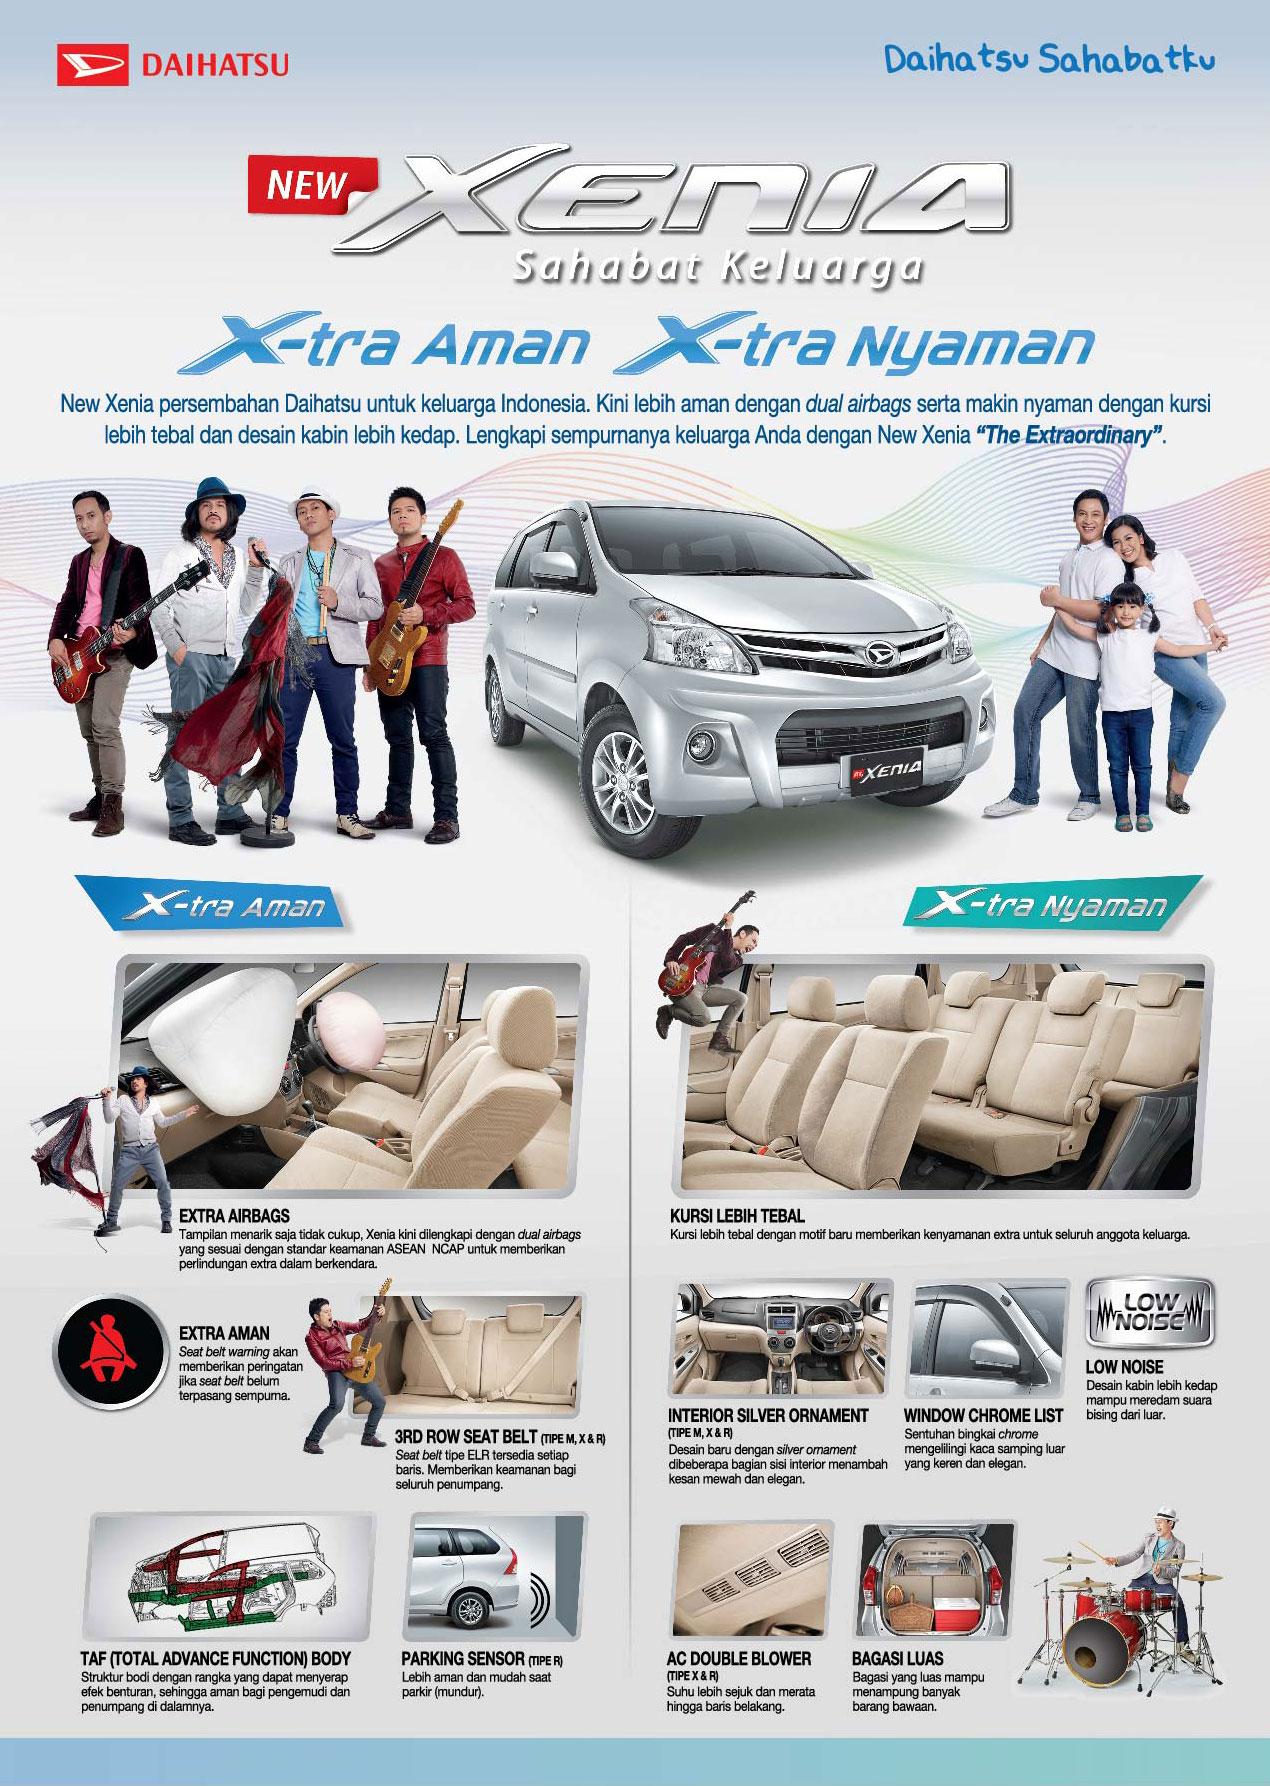 Daihatsu, Daihatsu All New Xenia Airbag: Nih Harga New Daihatsu Xenia 2013 Dengan Airbag!